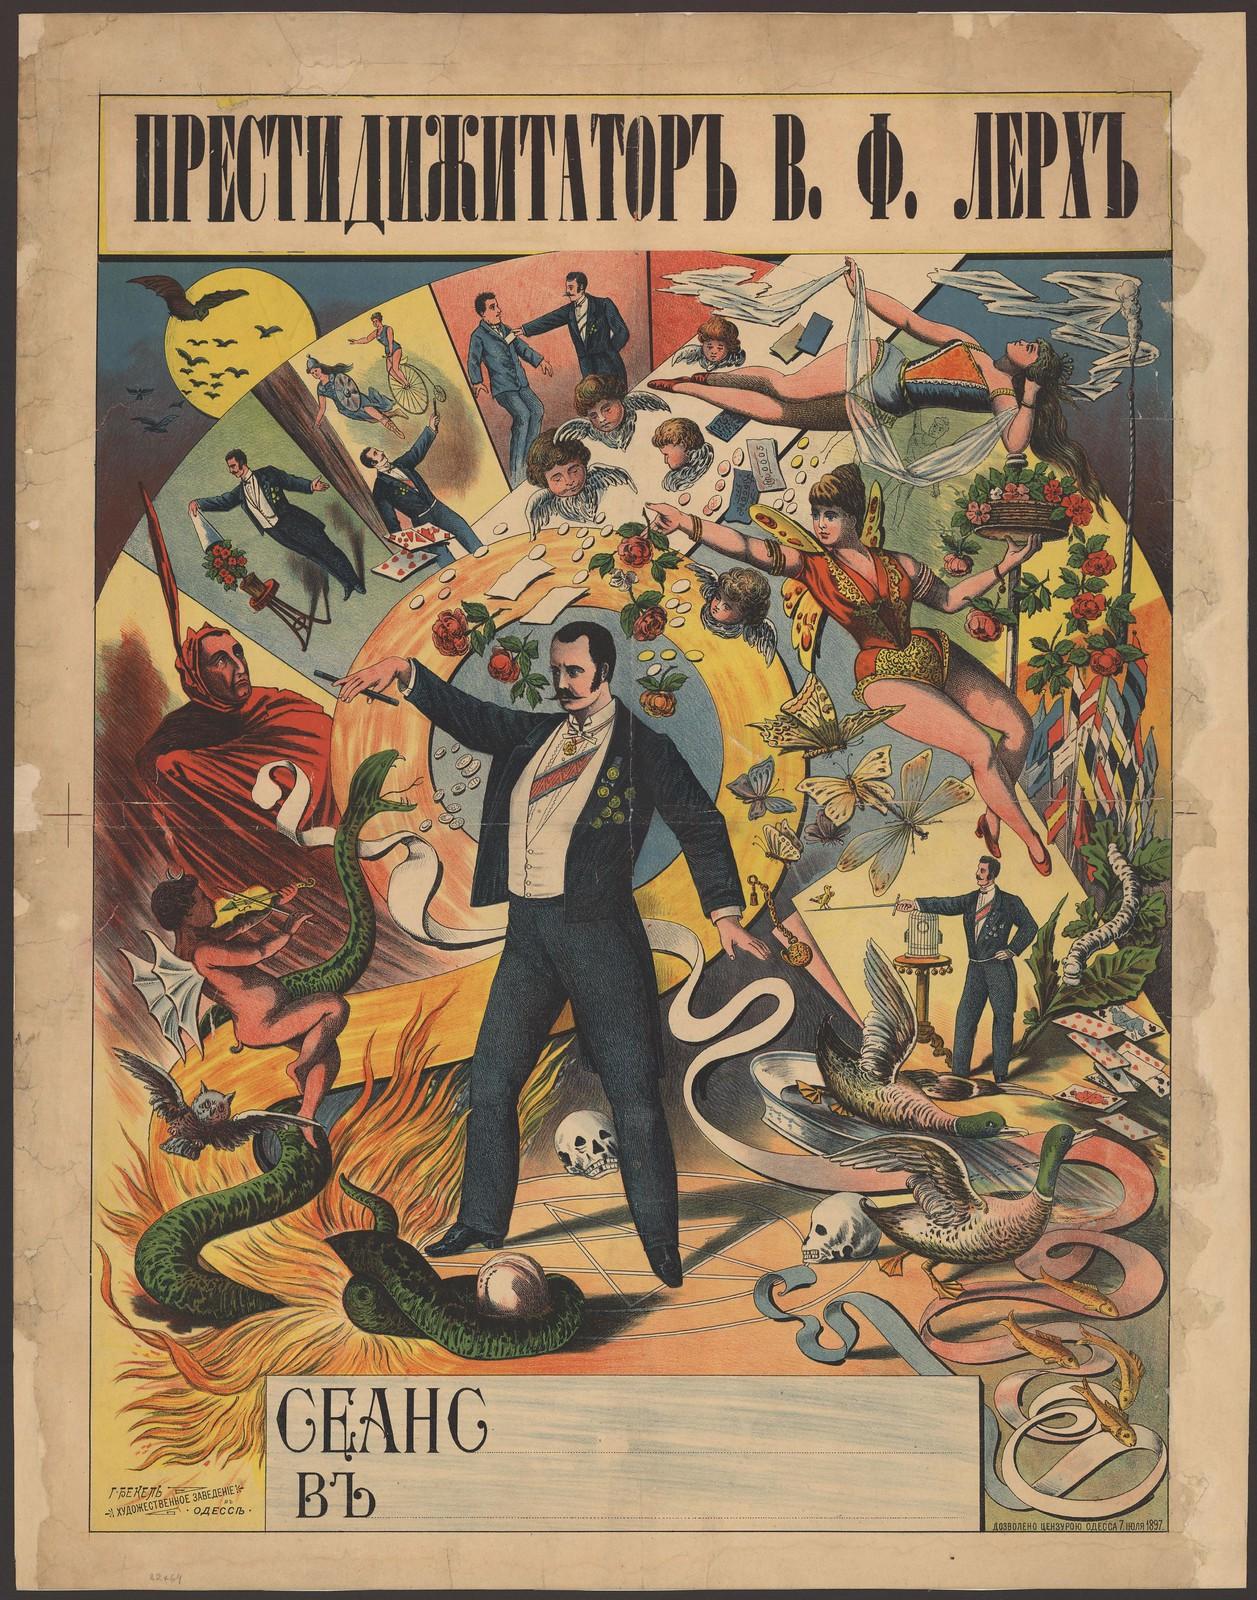 1897. Престидижитатор В. Ф. Лерх